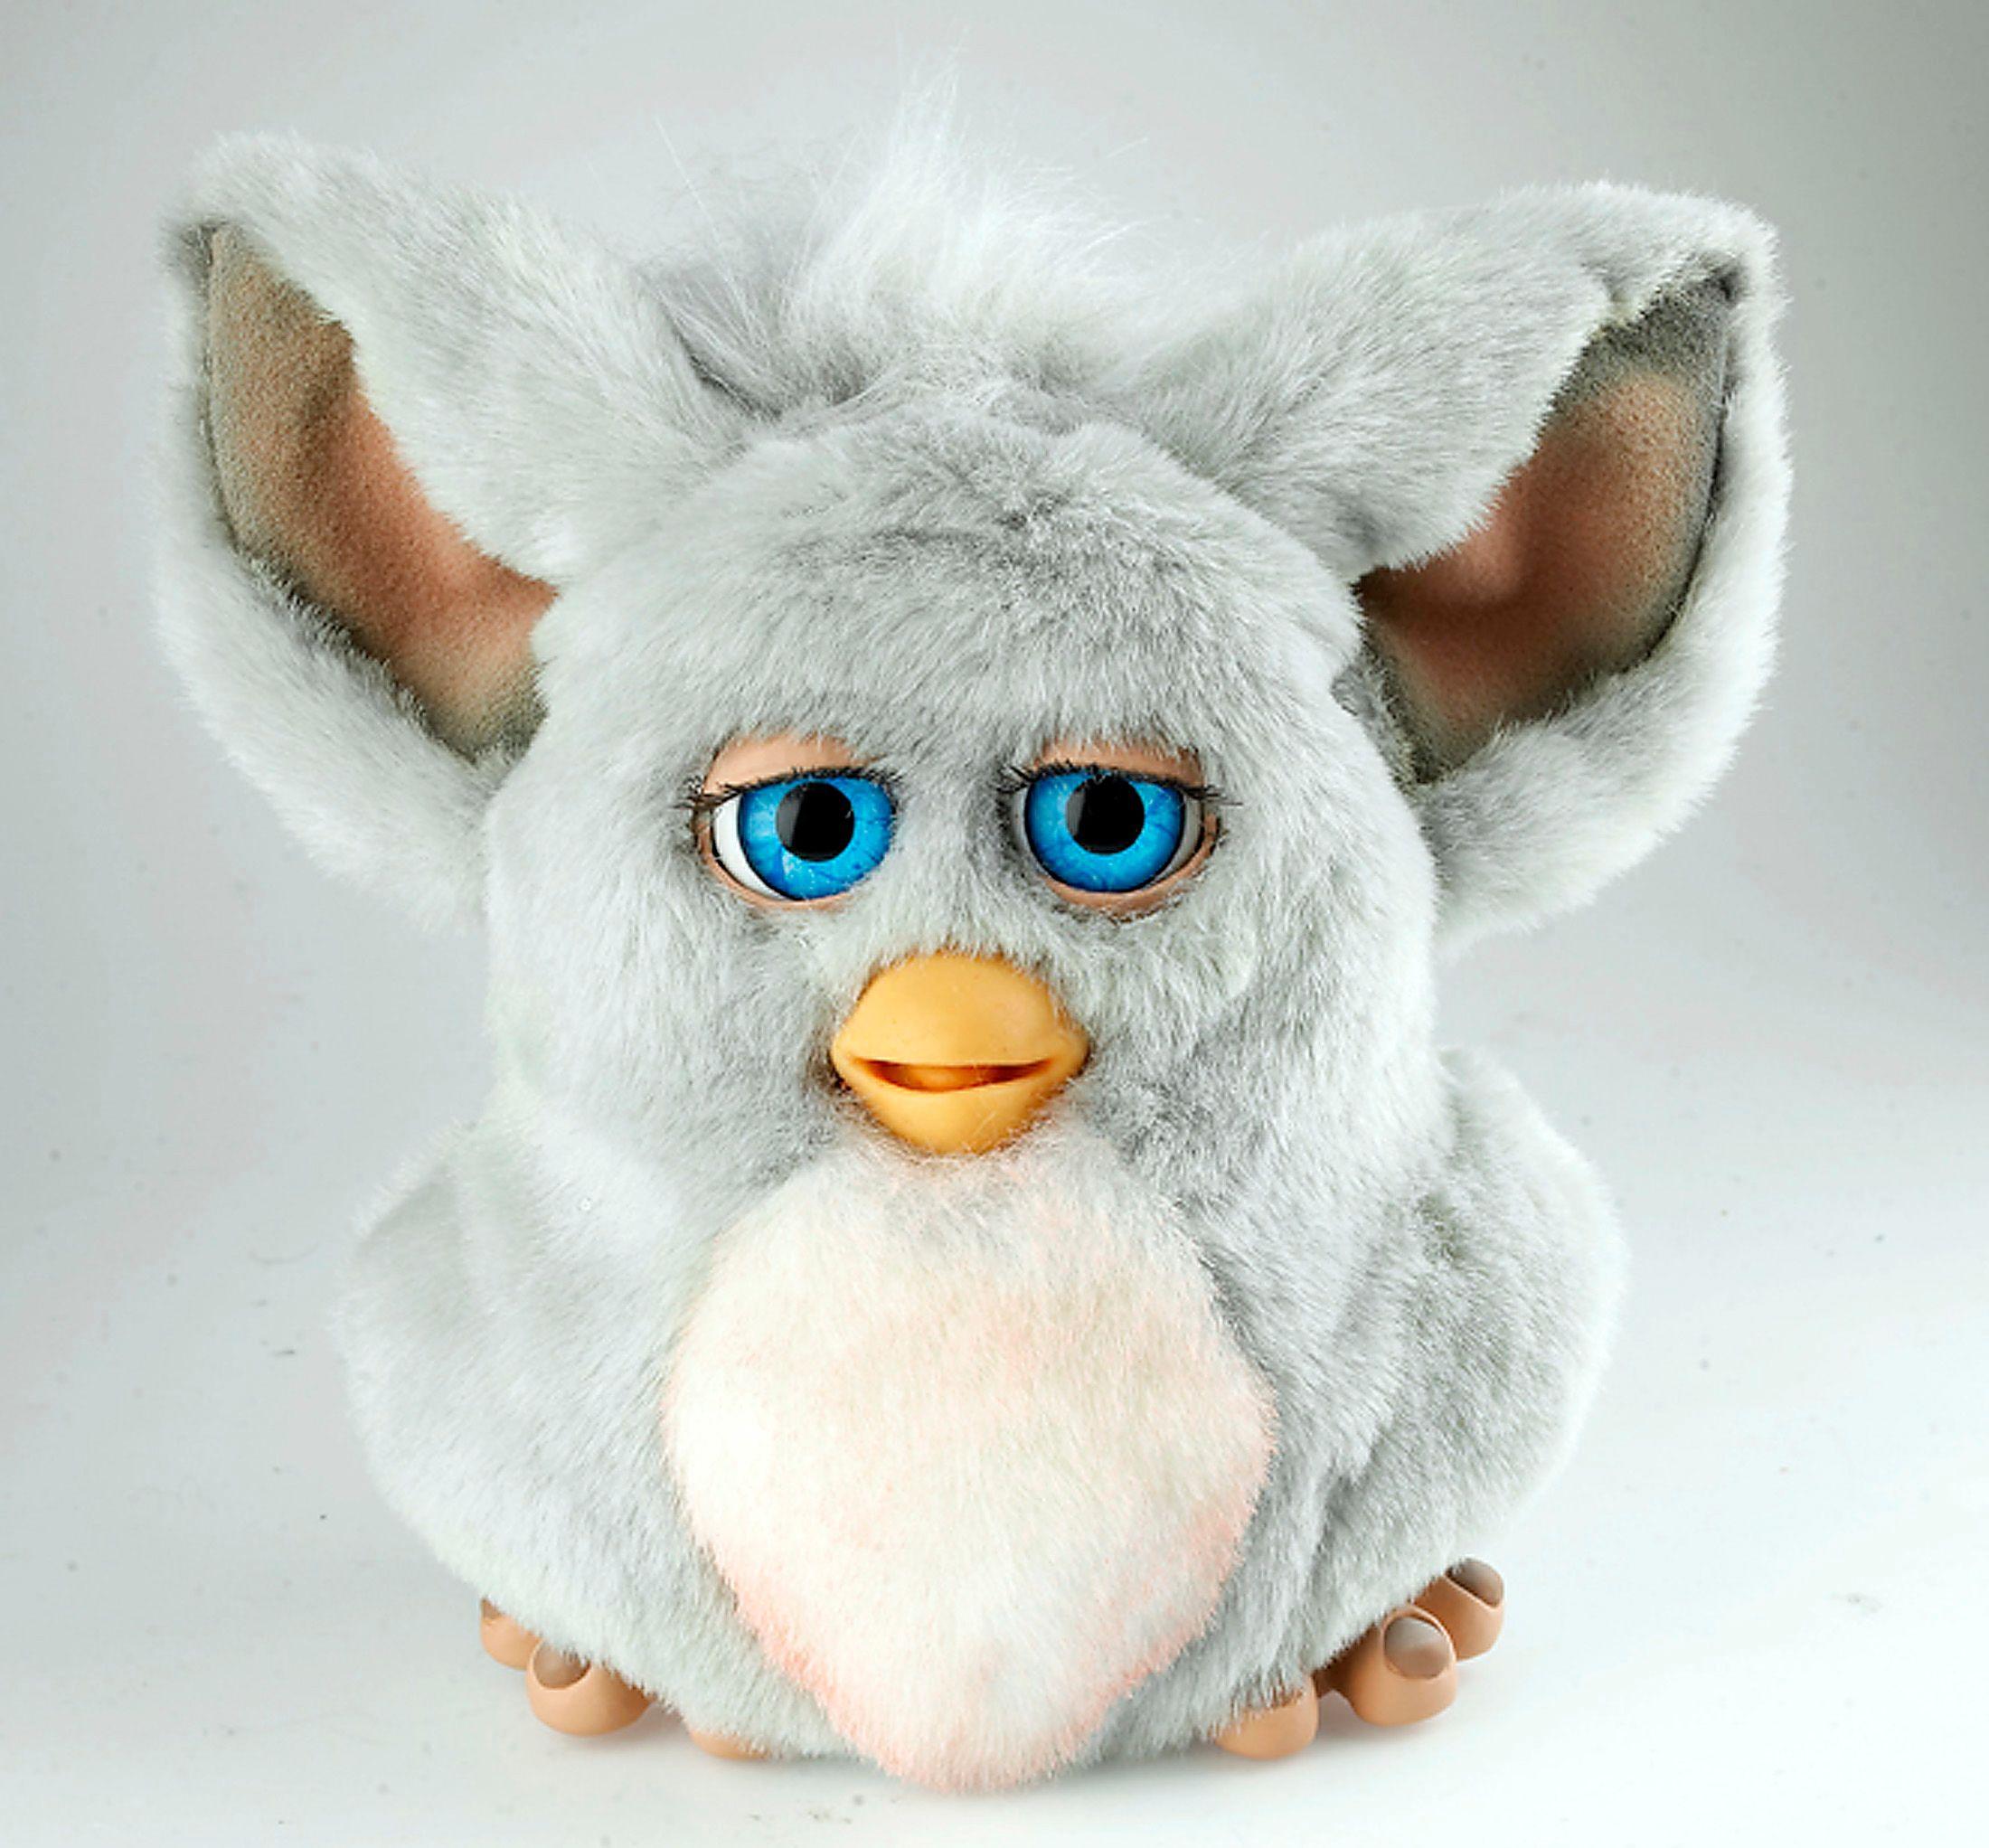 Le jouet qui sera vraisemblablement le plus vendu sera le Furby